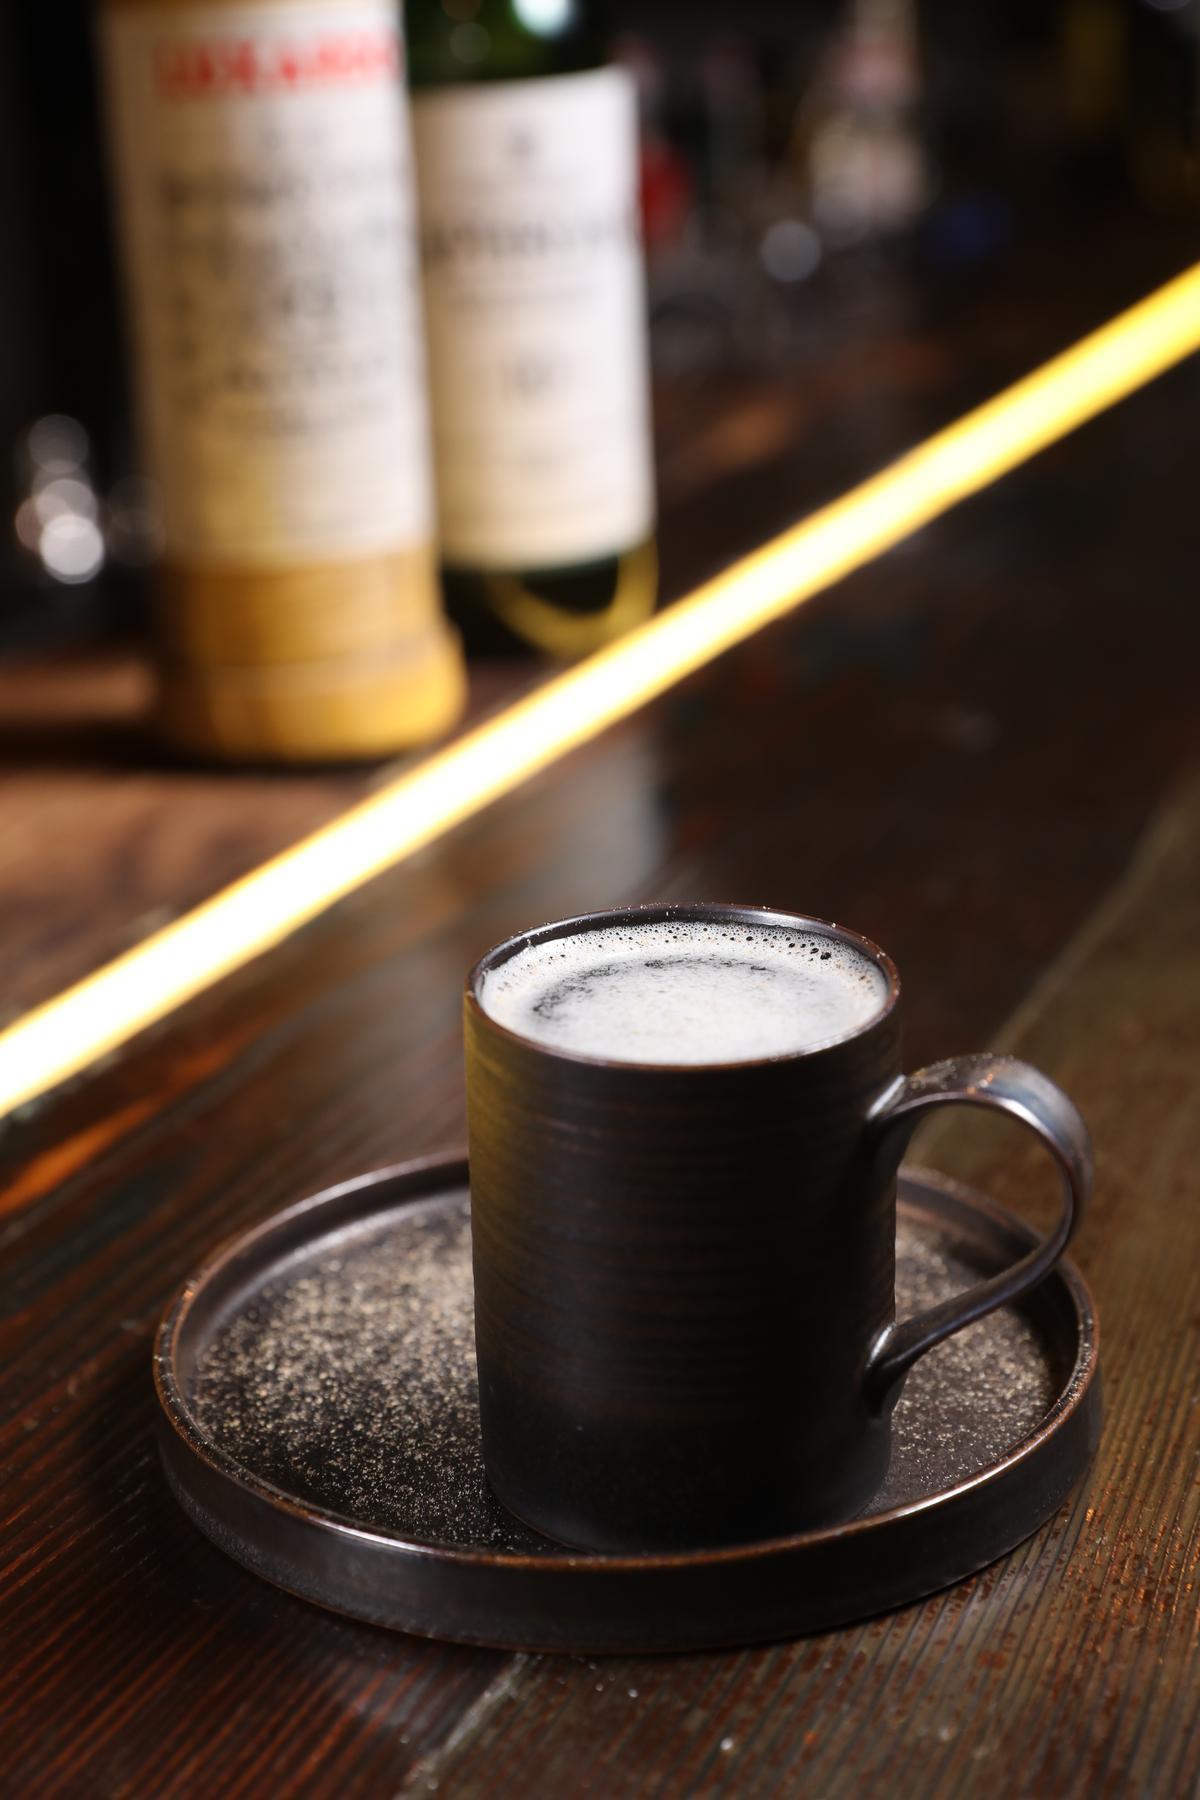 在咖啡盤撒上肉豆蔻粉,象徵沙灘的「遺忘海」,是Laphroalg10 年威士忌與櫻桃酒、檸檬汁與白巧克力糖漿組成的酸甜滋味。(人民幣90元/杯,約NT$413)